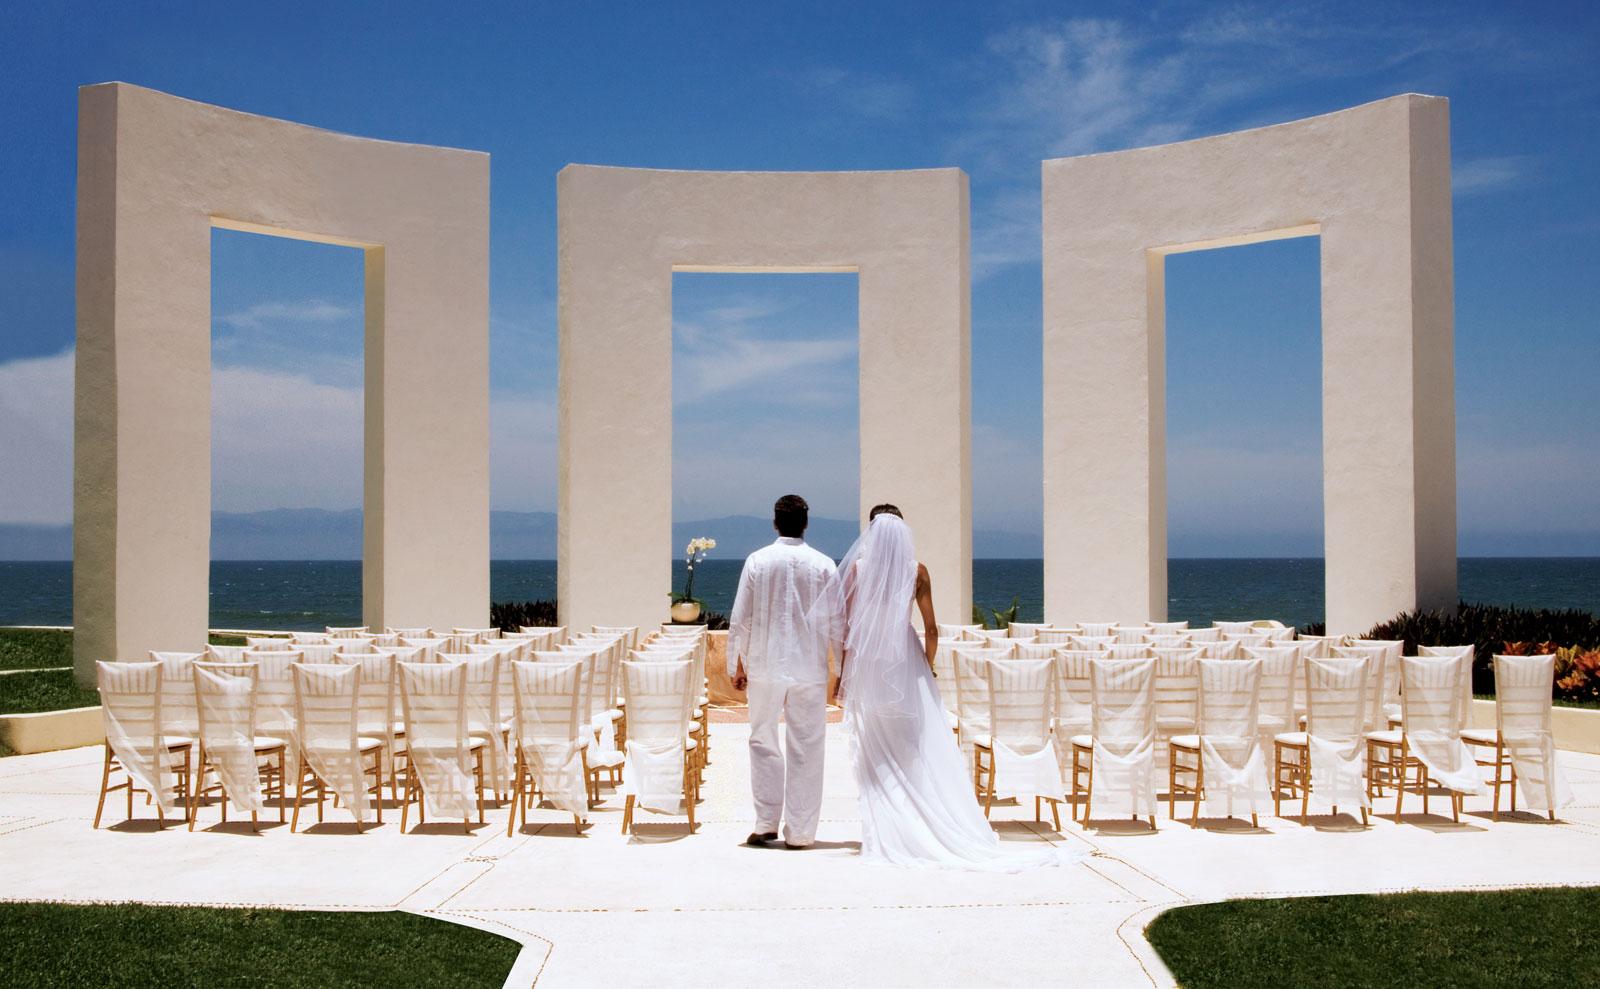 grand-velas-riviera-nayarit-wedding-package-top